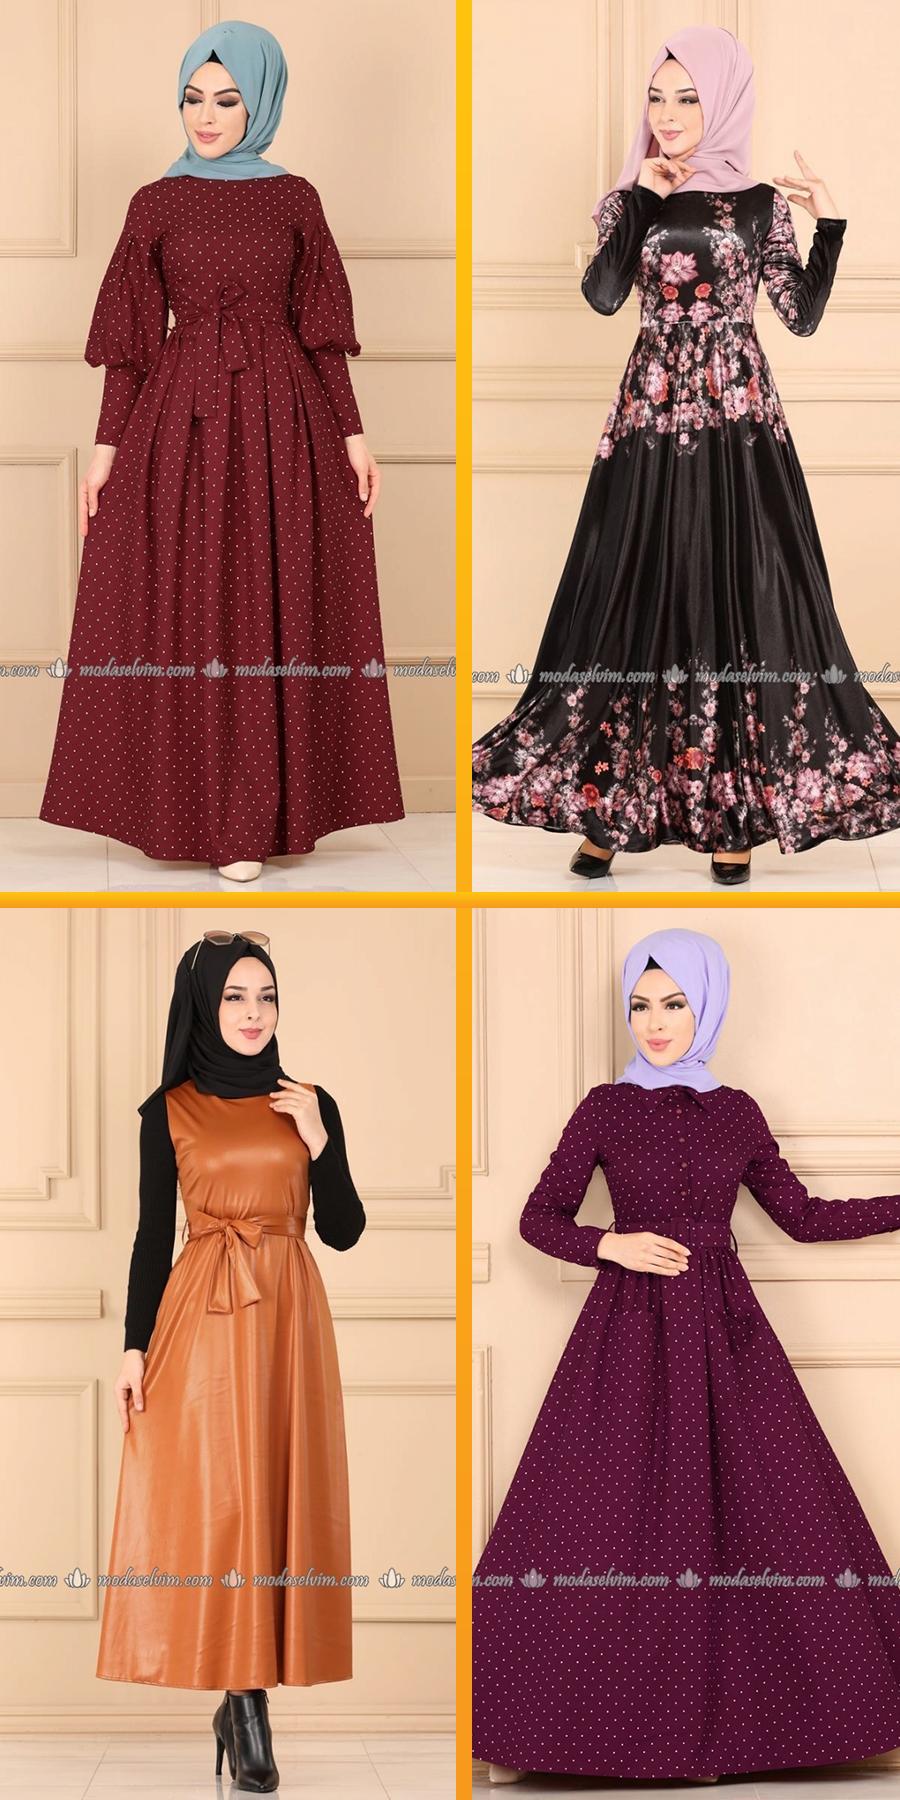 Modaselvim Elbise Modelleri 2020 2 Moda Selvim Yeni Sezon Tesettur Elbise Modelleri 2020 Elbise Modelleri Elbise Moda